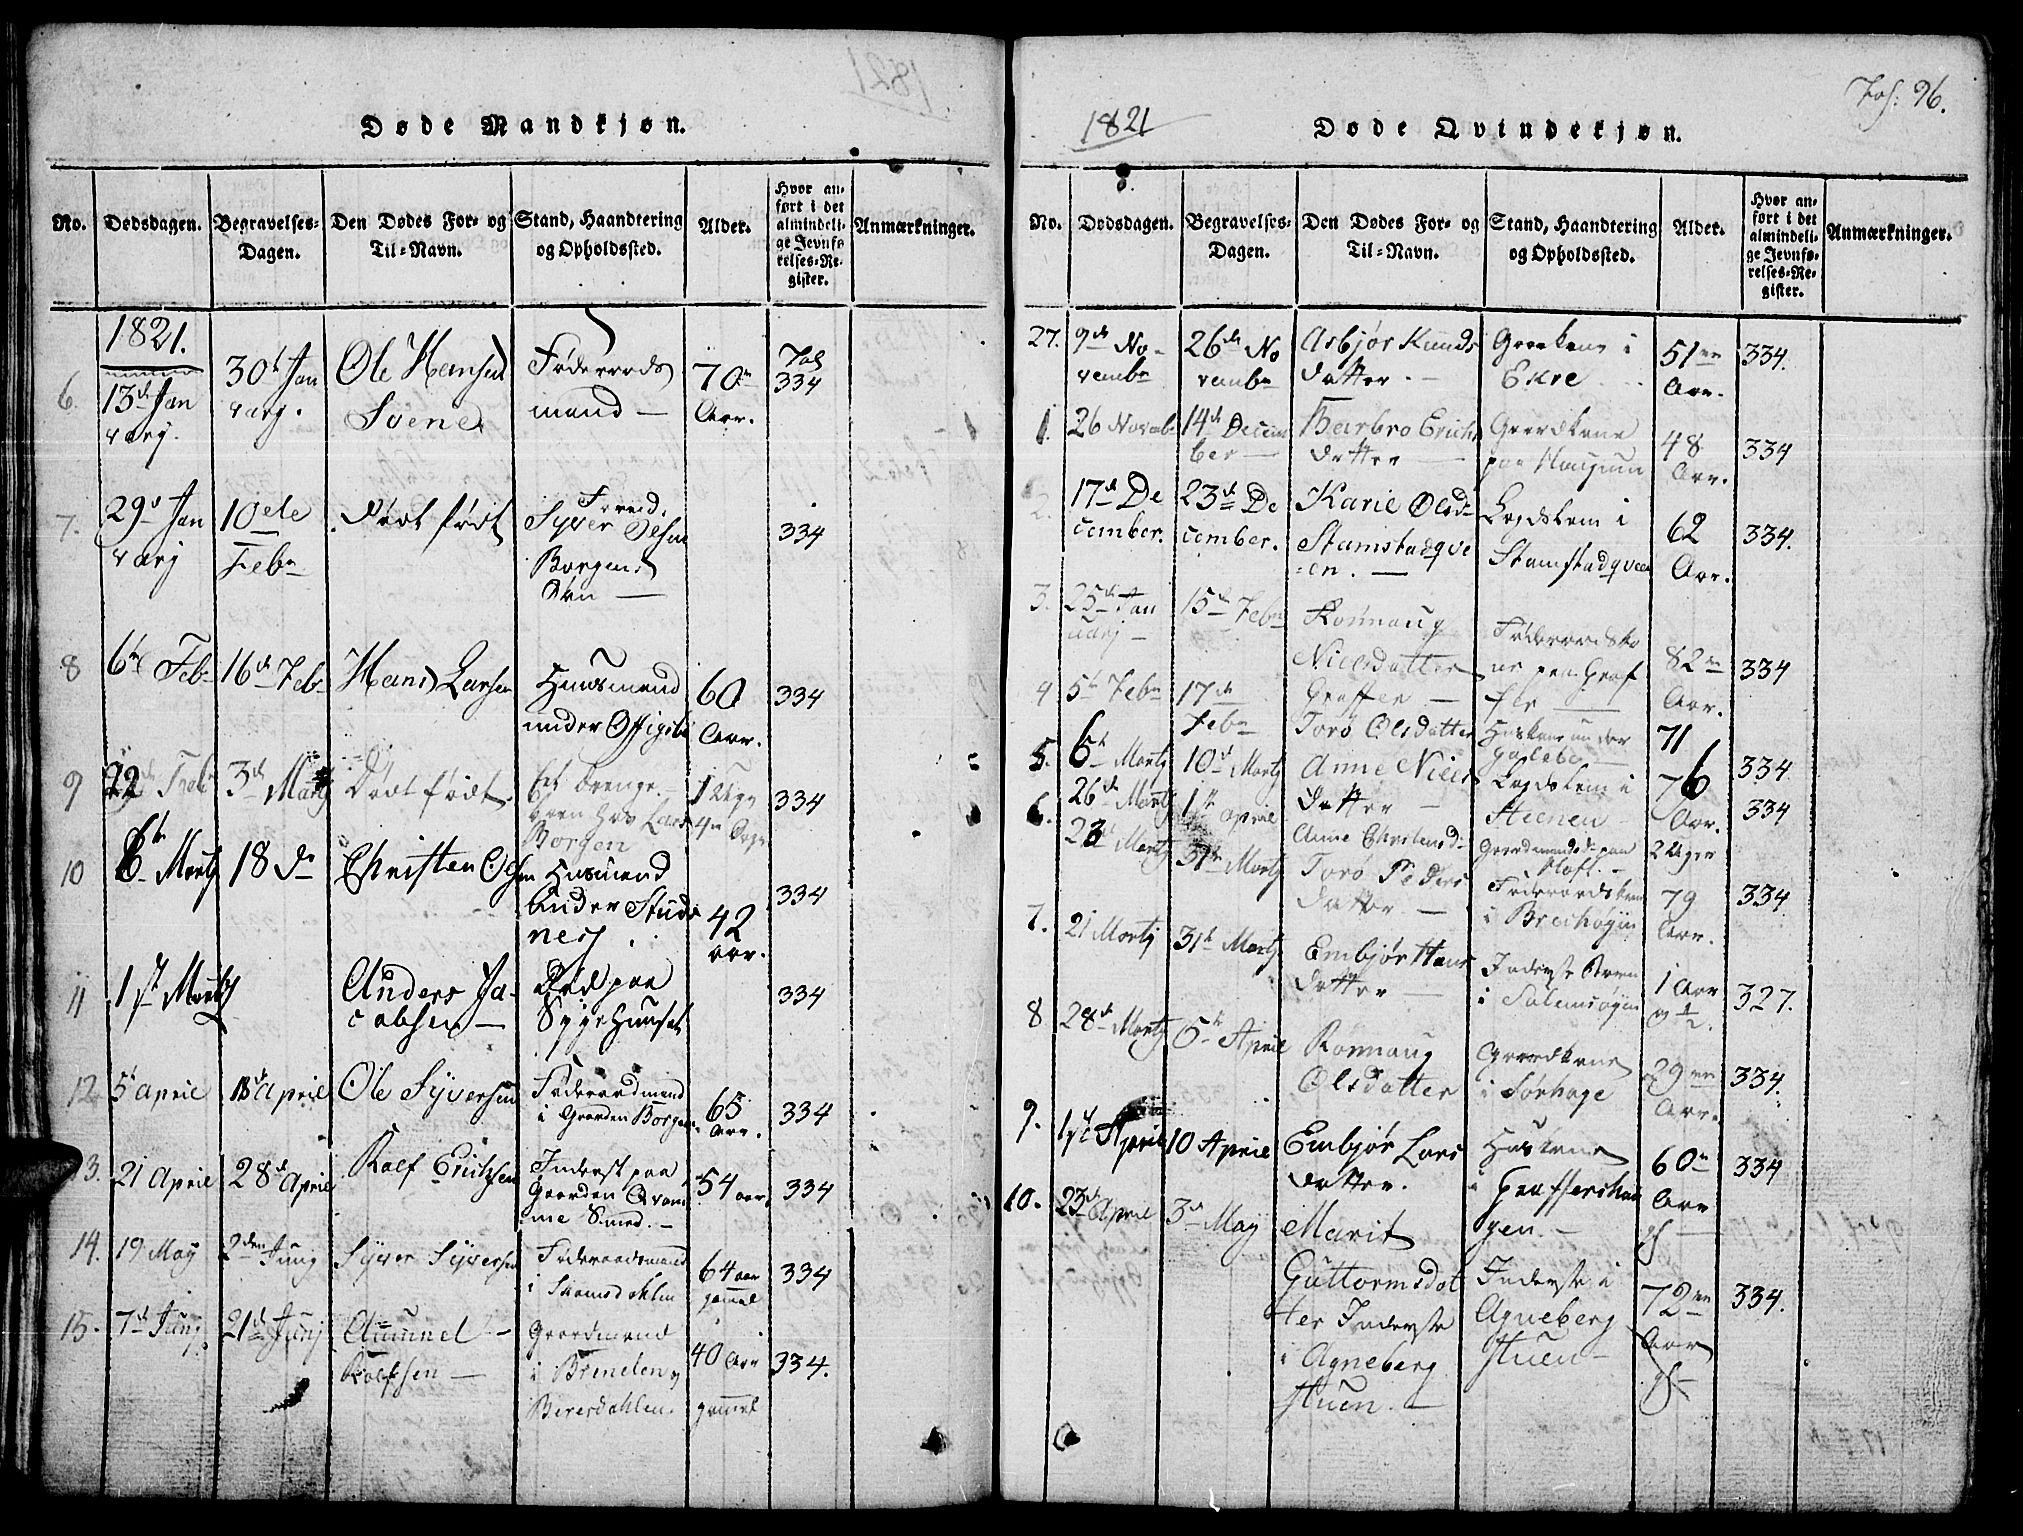 SAH, Lom prestekontor, L/L0001: Klokkerbok nr. 1, 1815-1836, s. 96